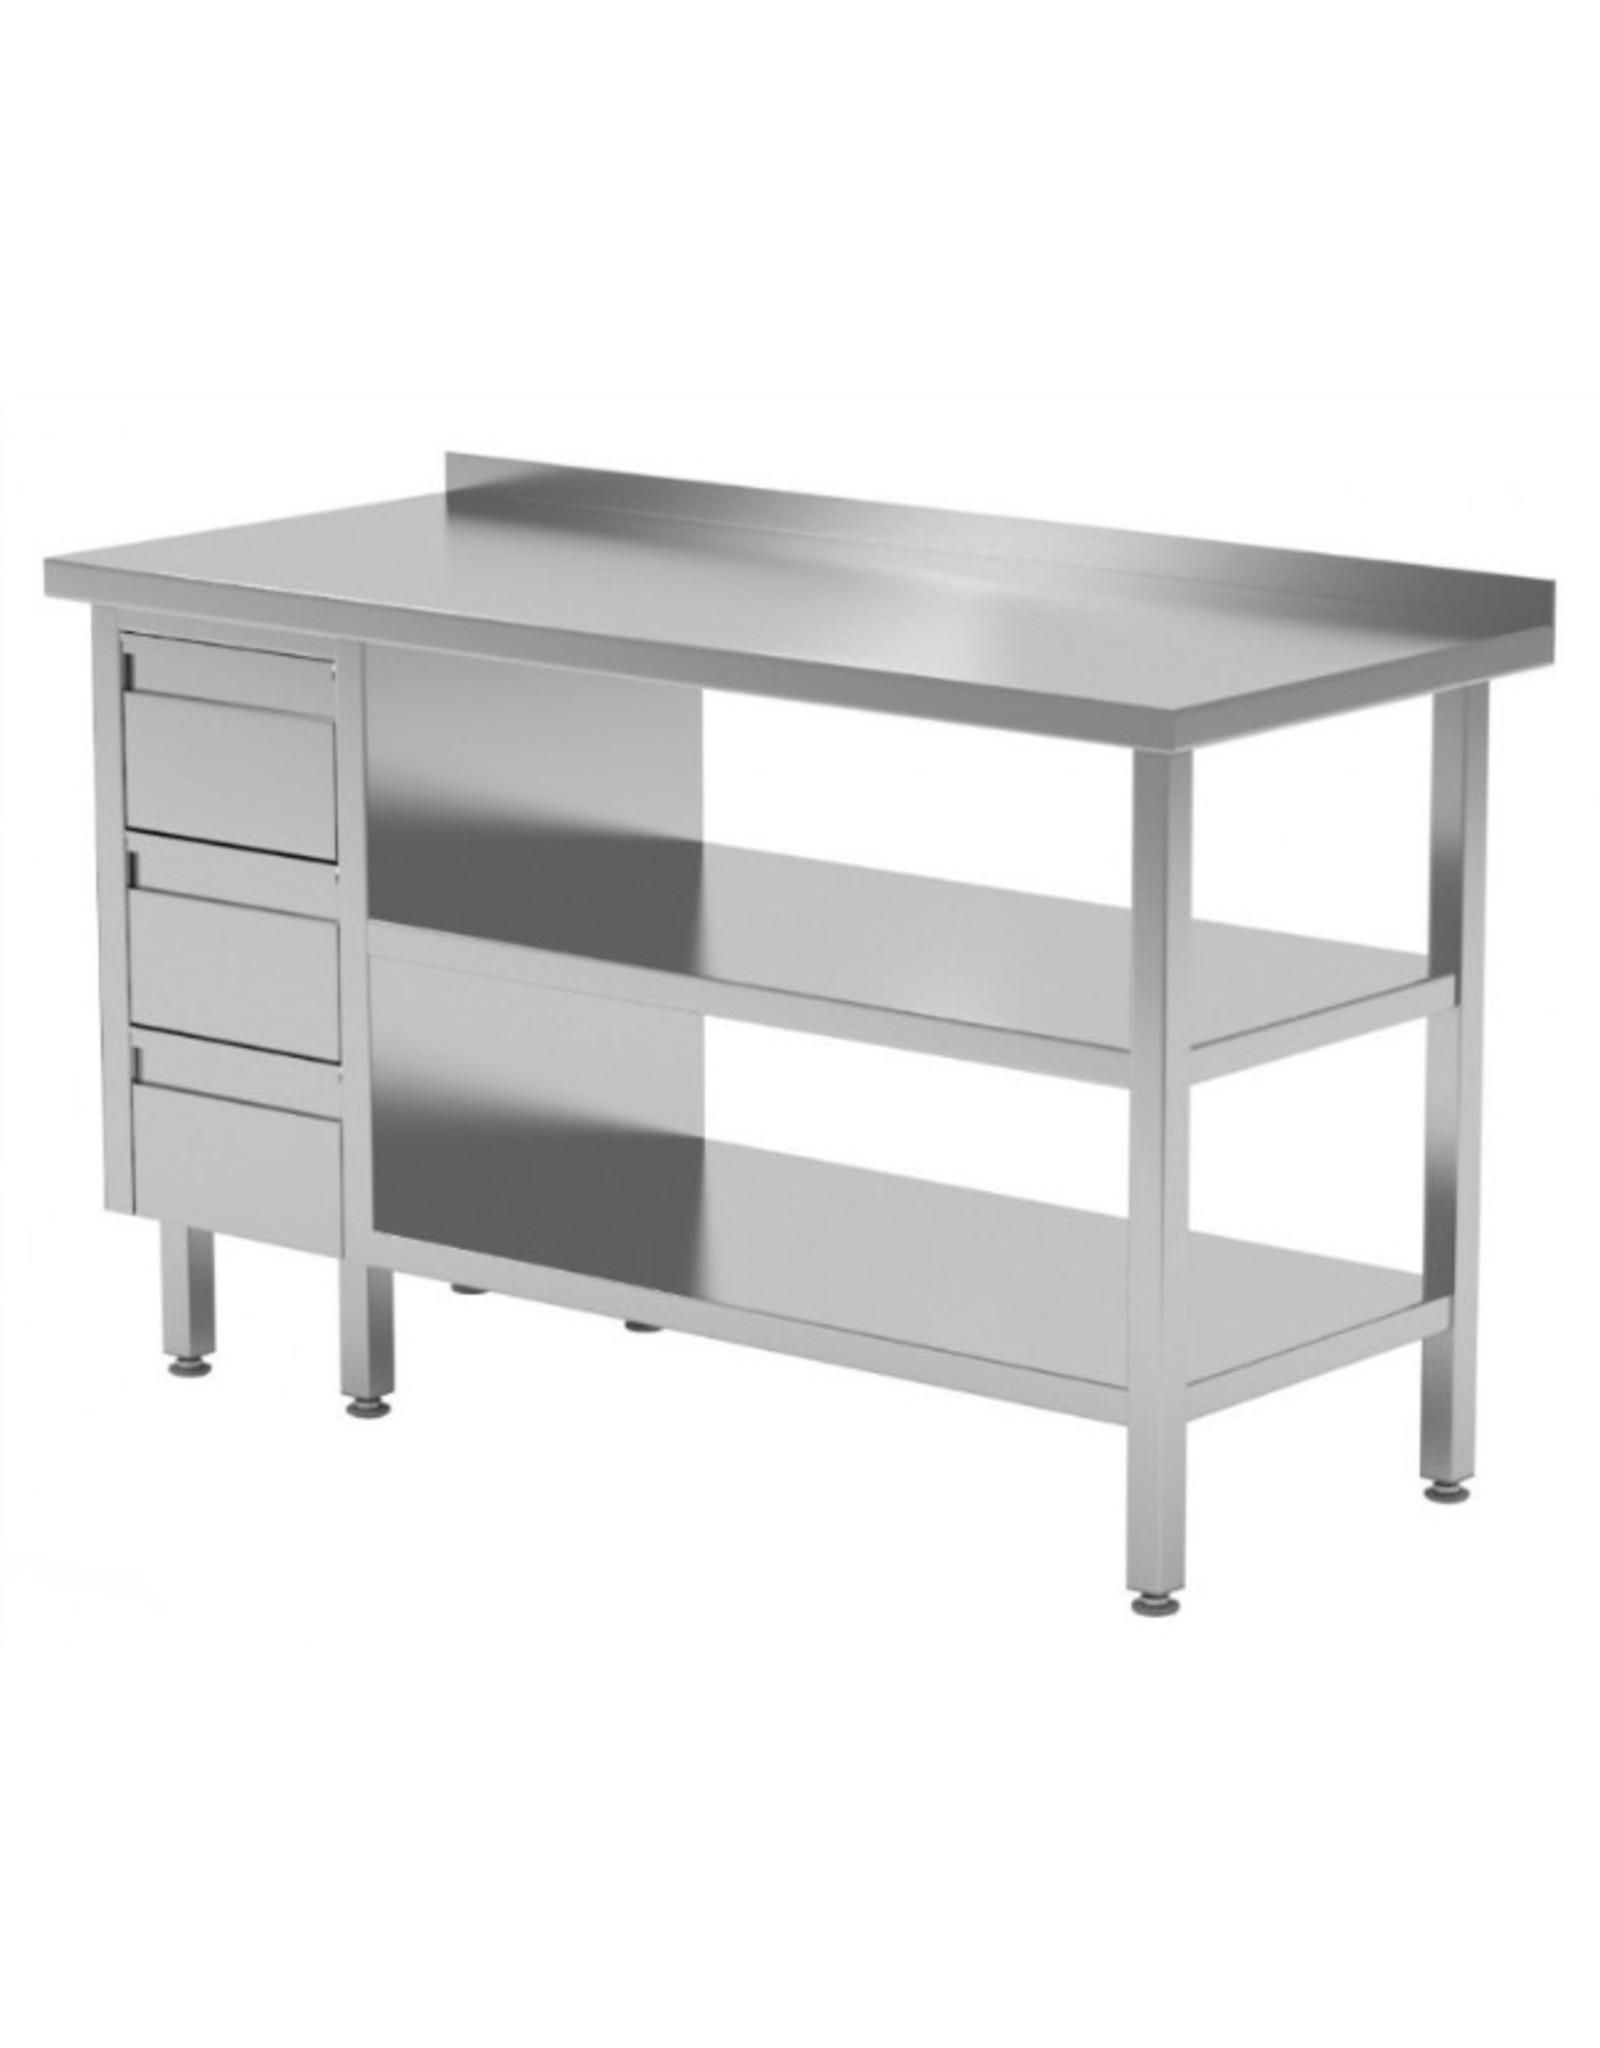 Werktafel met 3 lades links en dubbele onderplank | 800-1900mm breed | 600 of 700mm diep